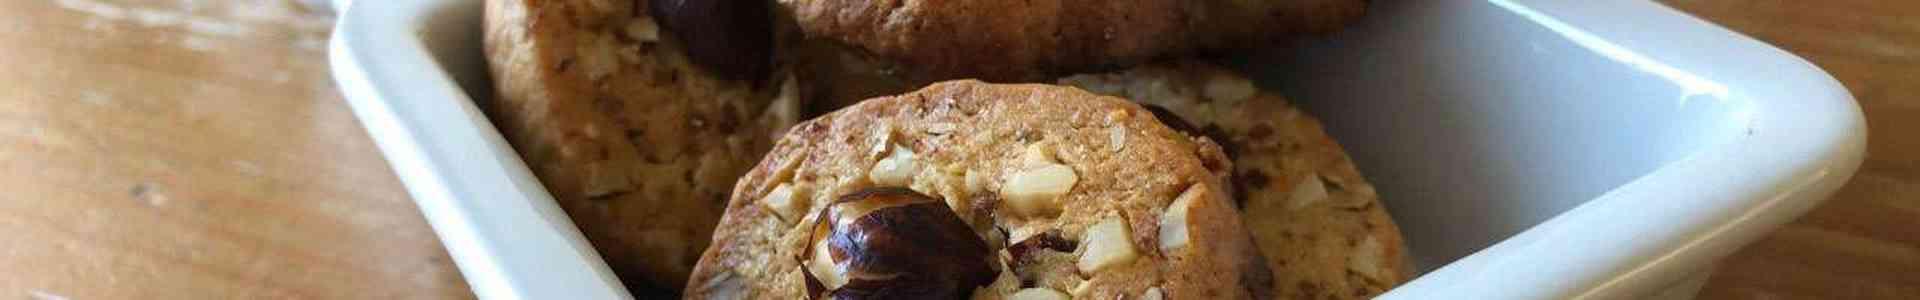 Koekjes met honing en noten